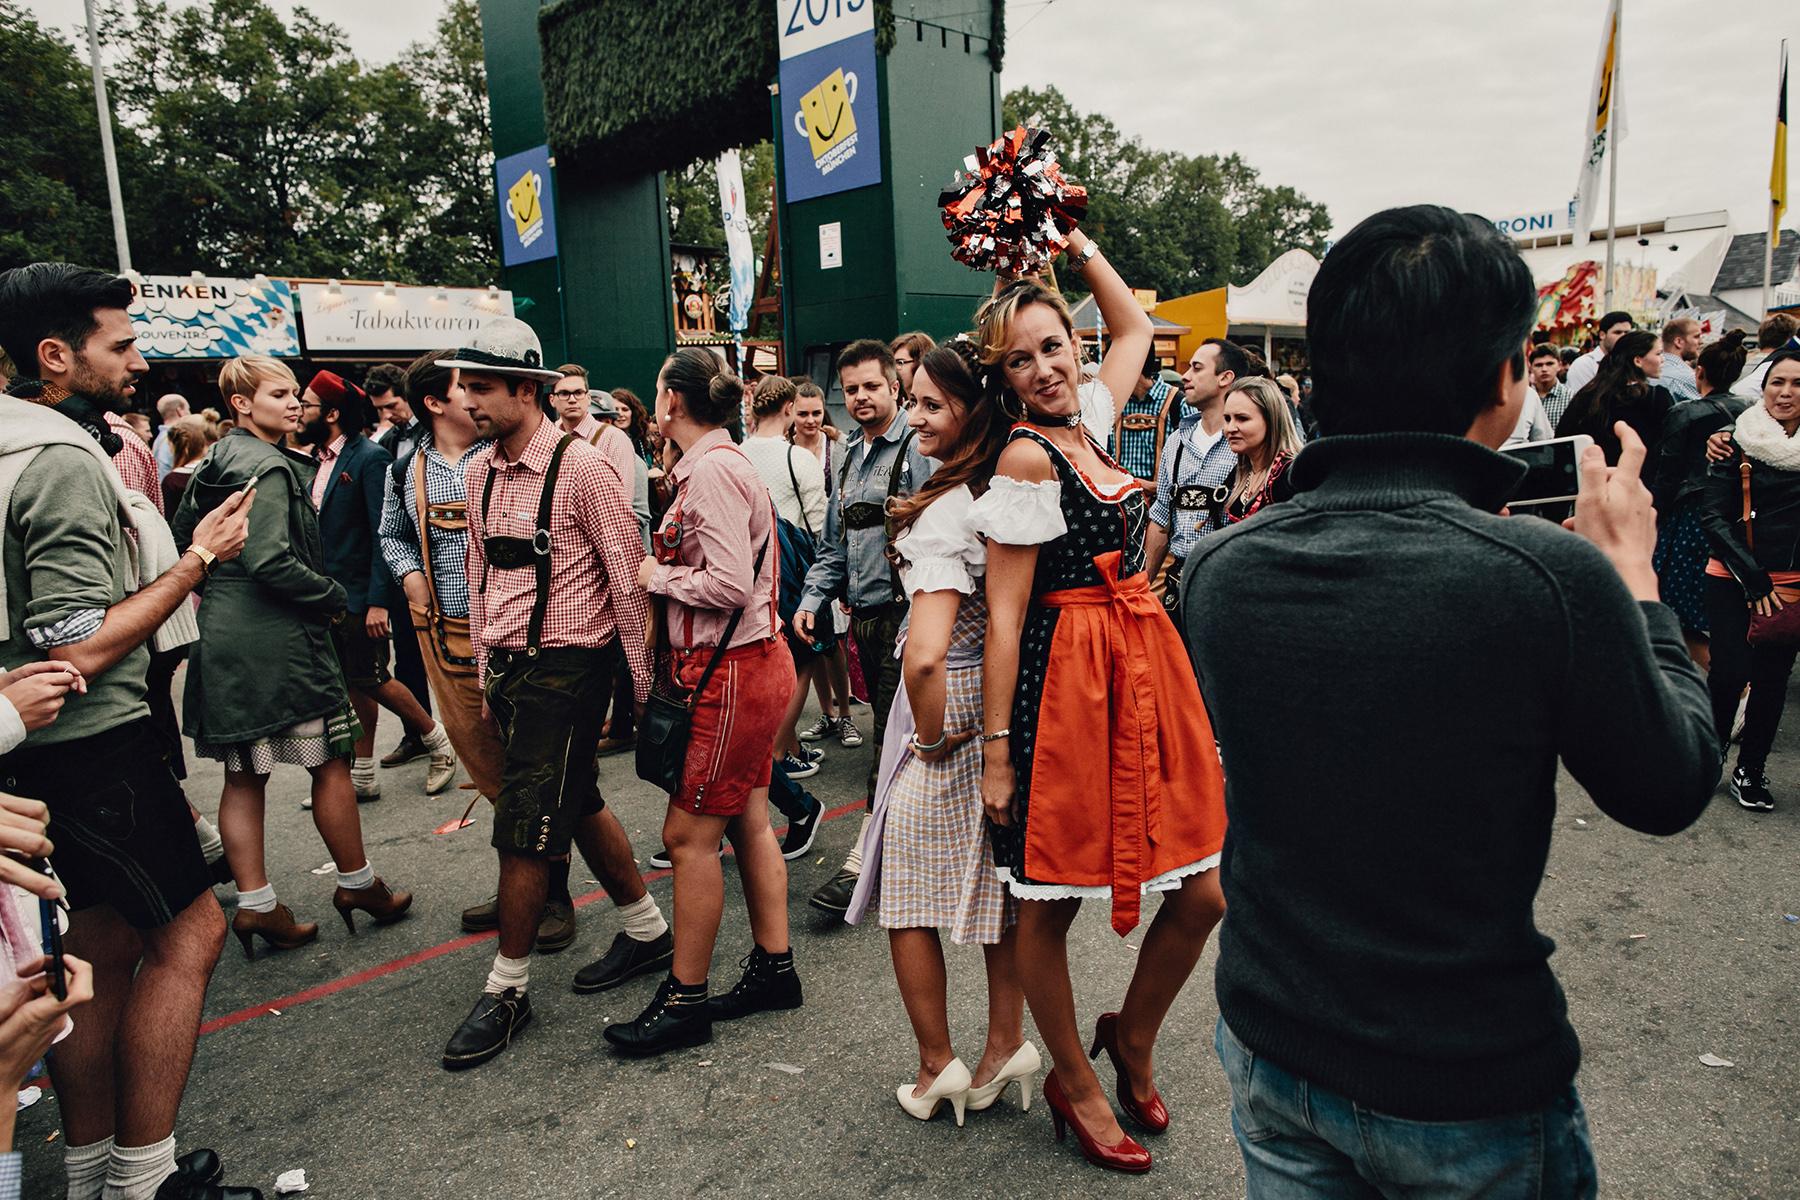 Oktoberfest-Photographs-Munich-0002.jpg